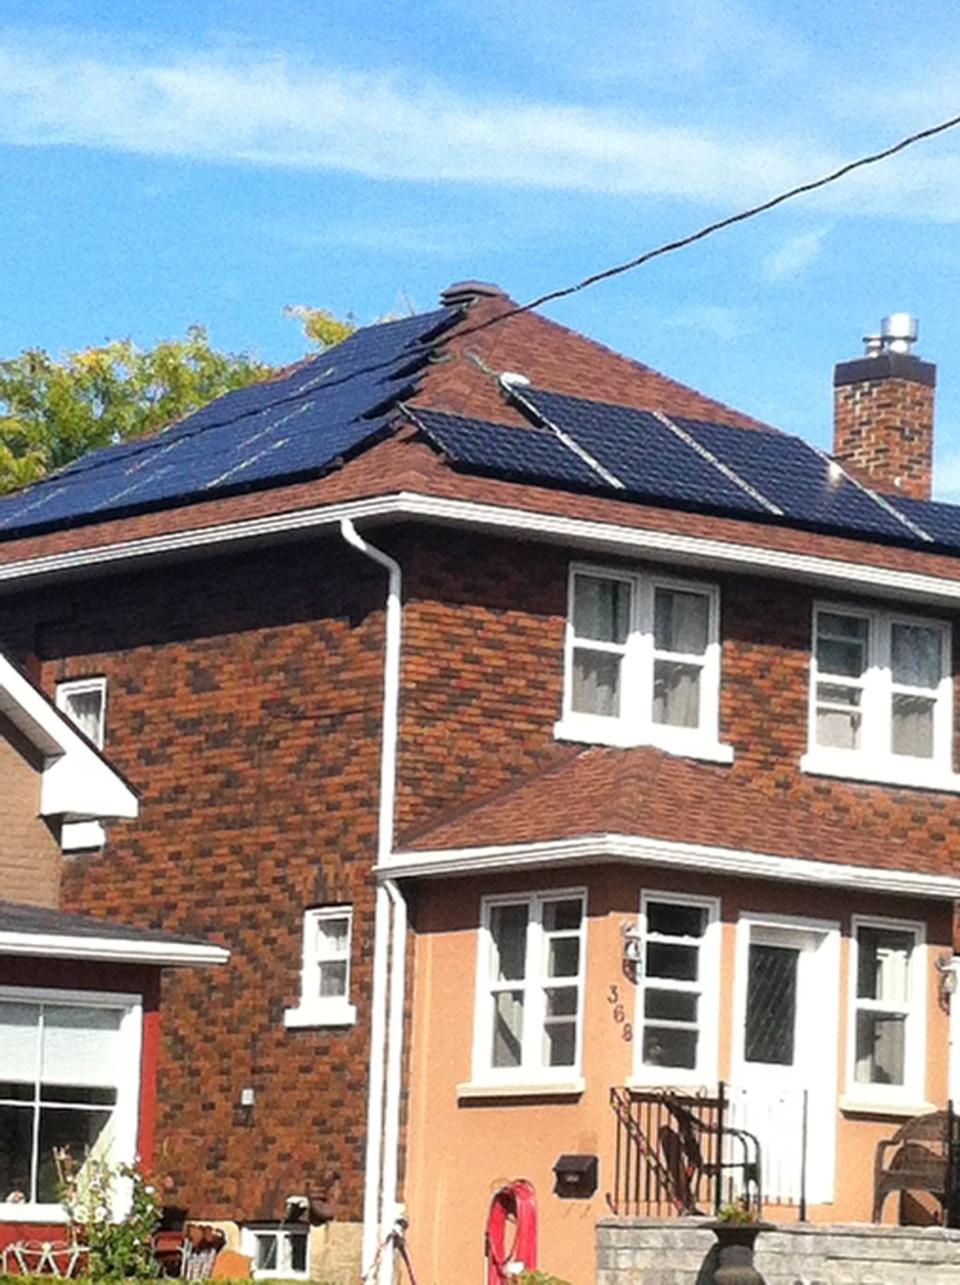 010420_Crumplin_Solar